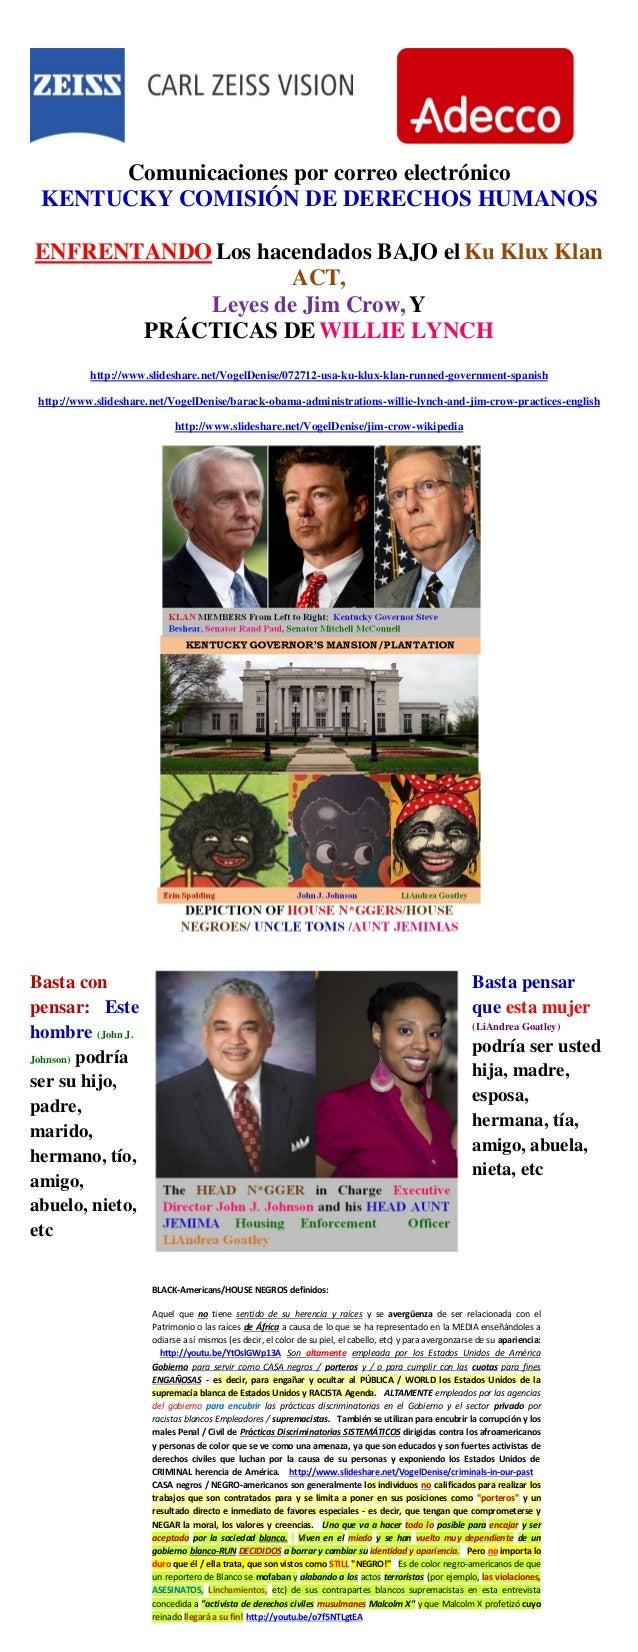 Comunicaciones por correo electrónico KENTUCKY COMISIÓN DE DERECHOS HUMANOS ENFRENTANDO Los hacendados BAJO elKu Klux Klan...